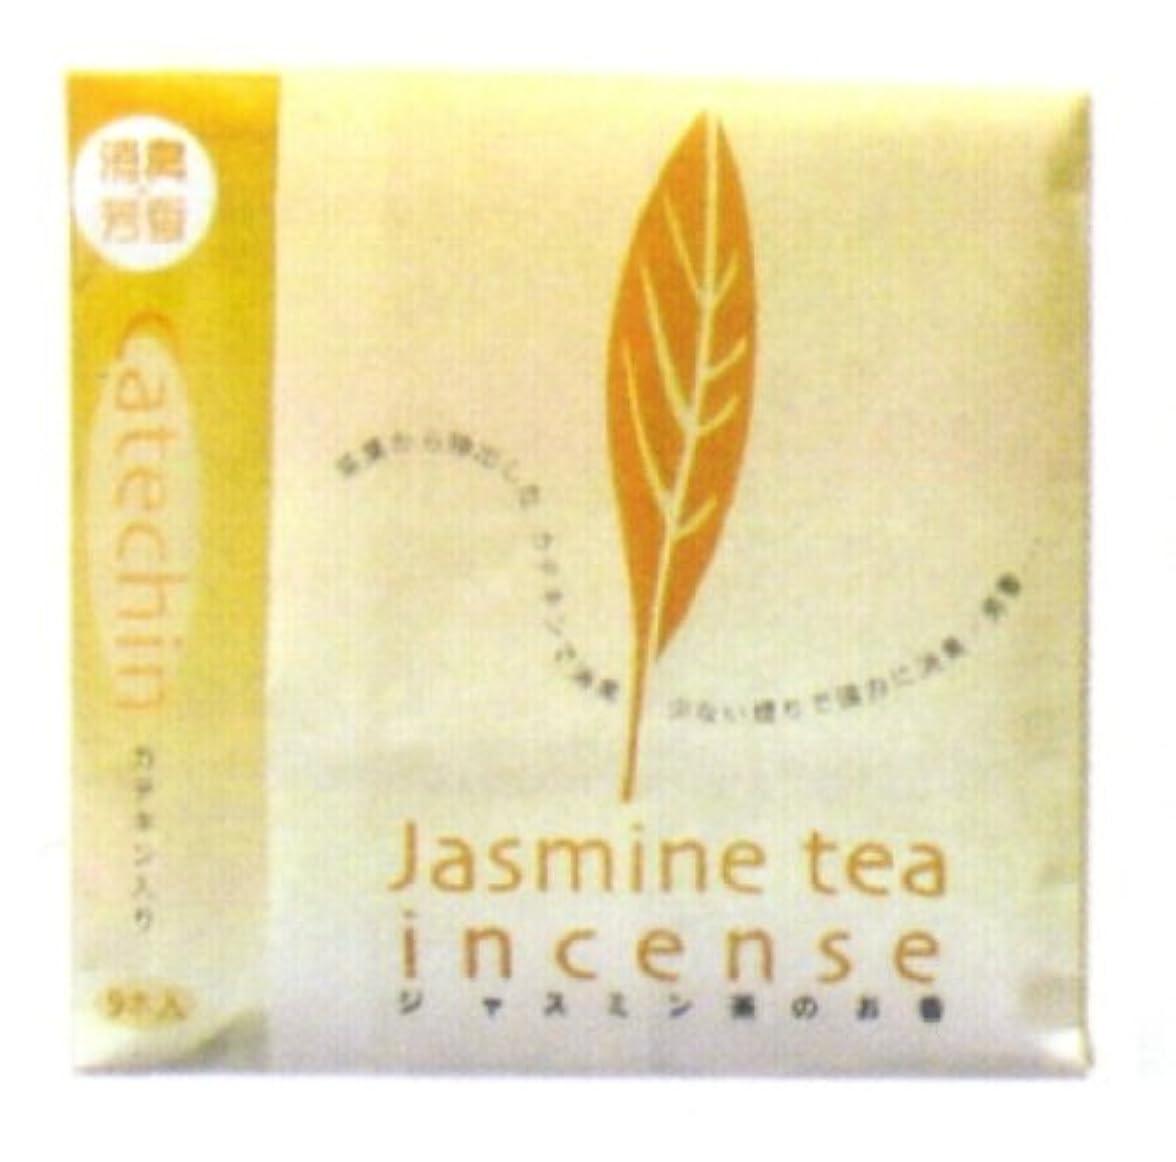 カテキンお香(スティック) ジャスミン茶